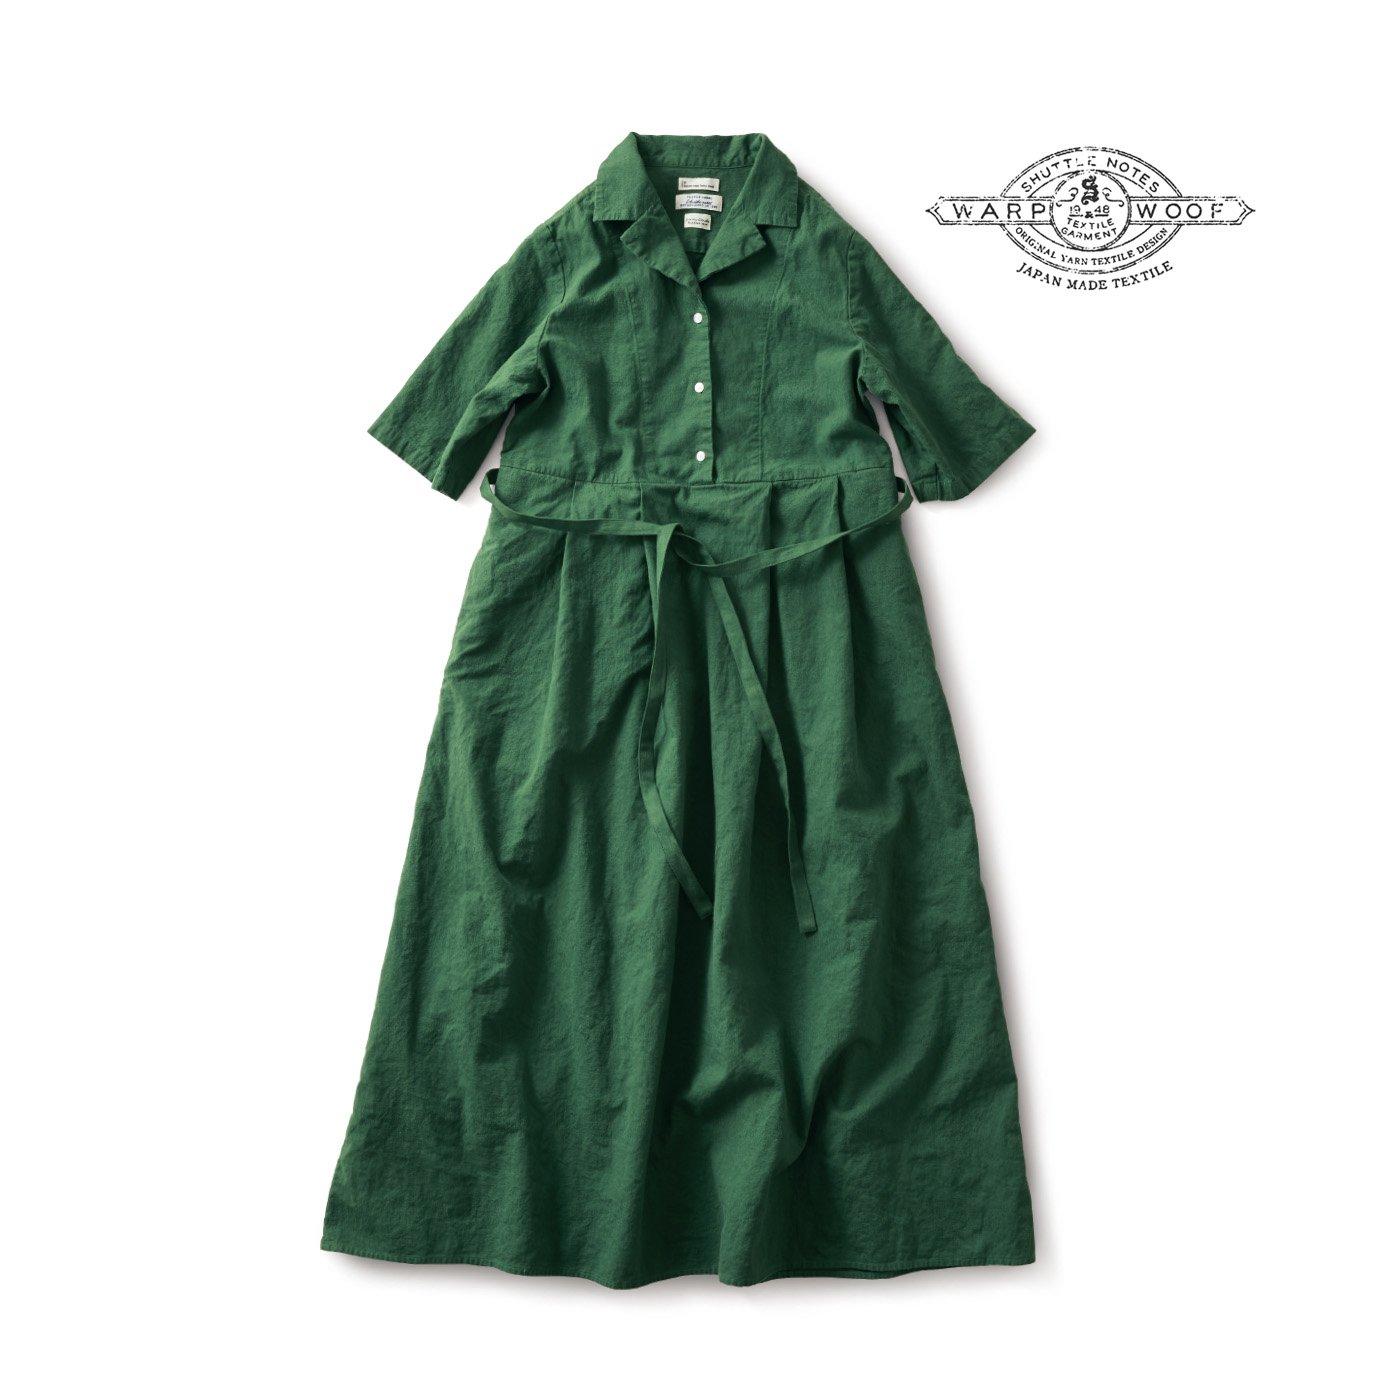 サニークラウズ feat. Shuttle Notes kazumiの緑なワンピース〈レディース〉